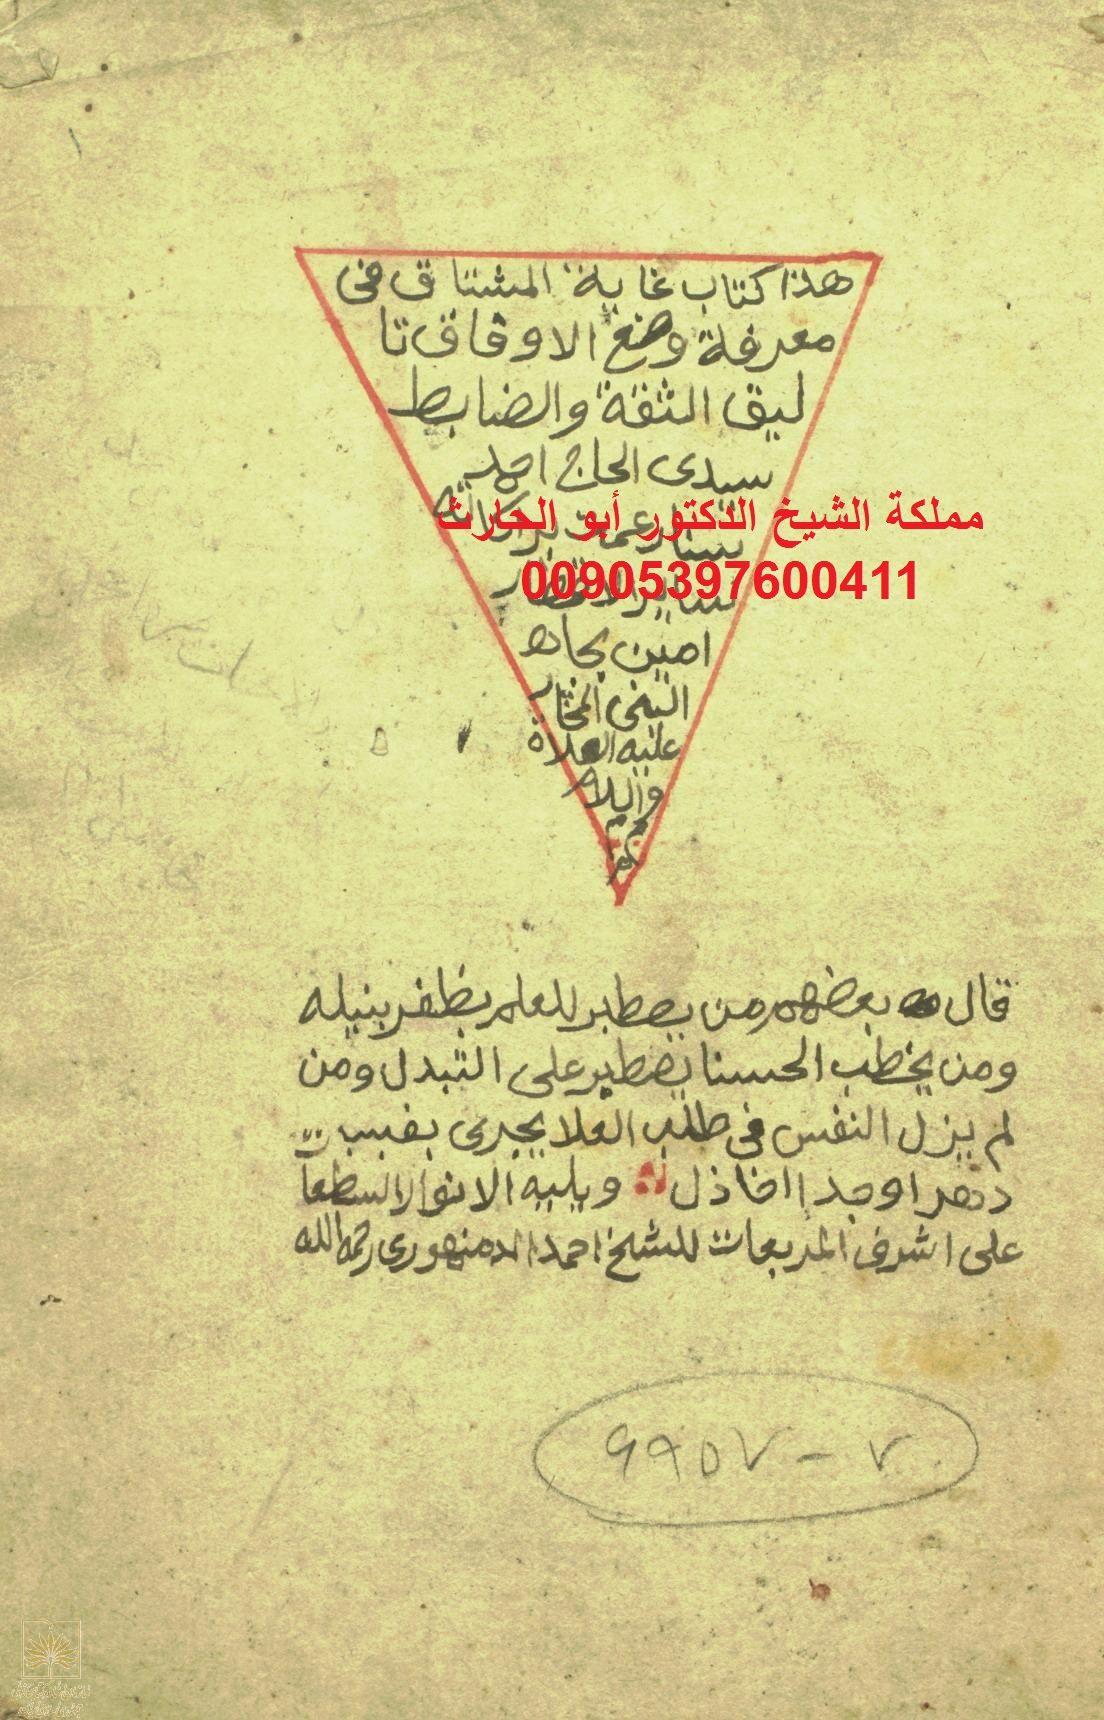 بعض السحر يكون متعلق بحركة النجوم والفلك وهو الاخطر Arabic Books Books